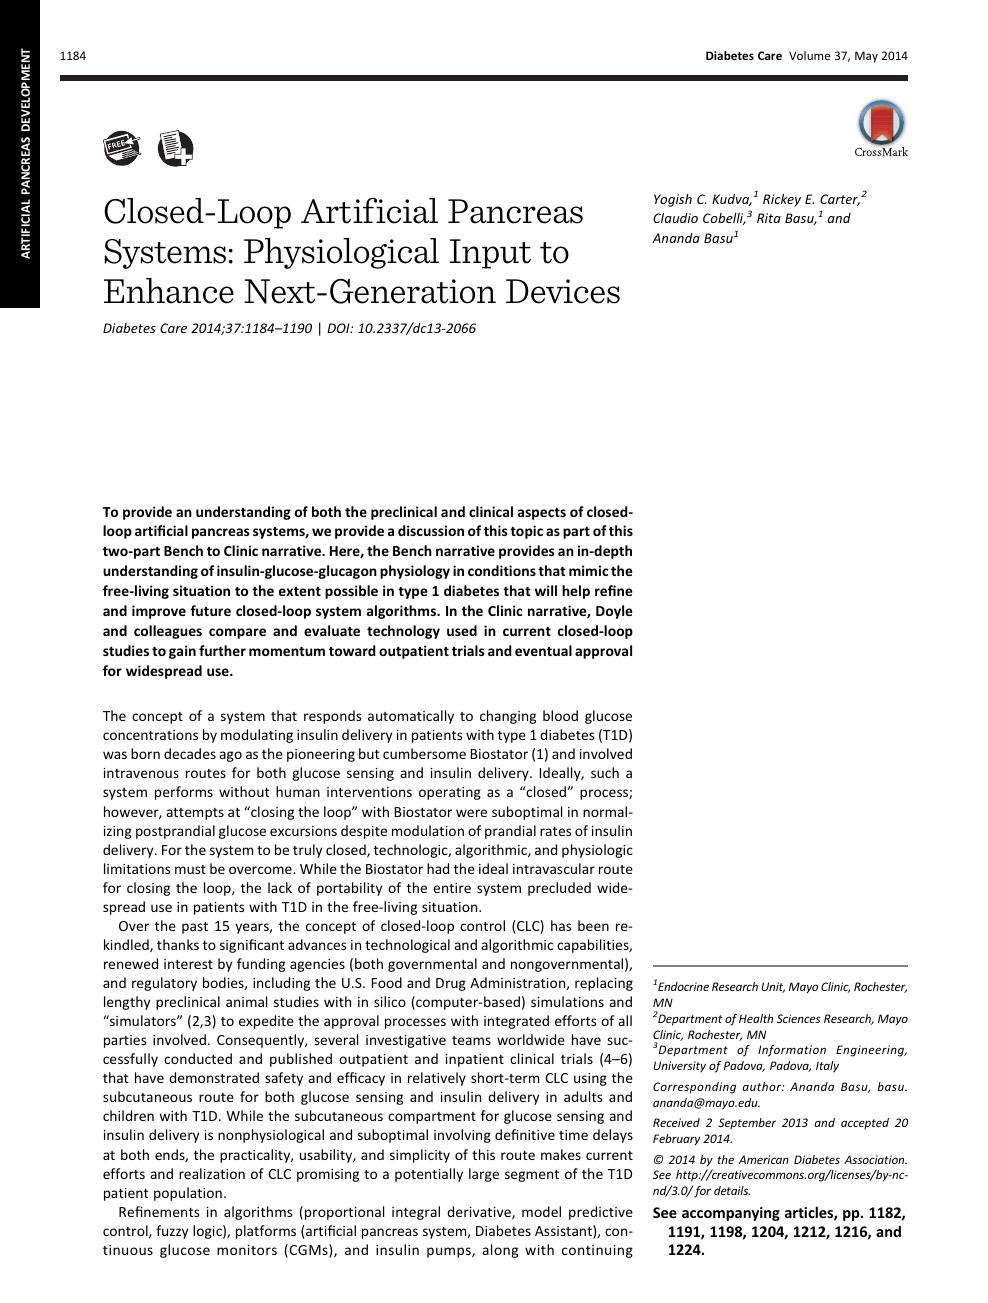 asociación americana de diabetes páncreas artificial